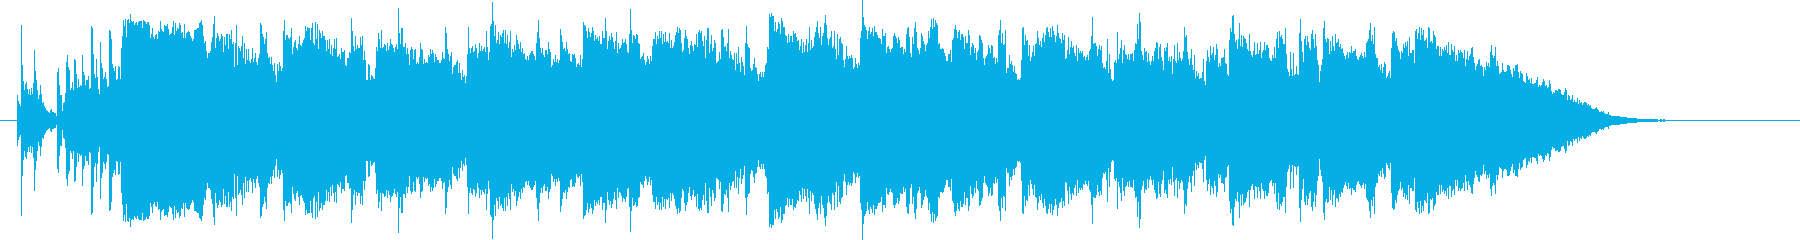 ギターインストのロックバラードの再生済みの波形